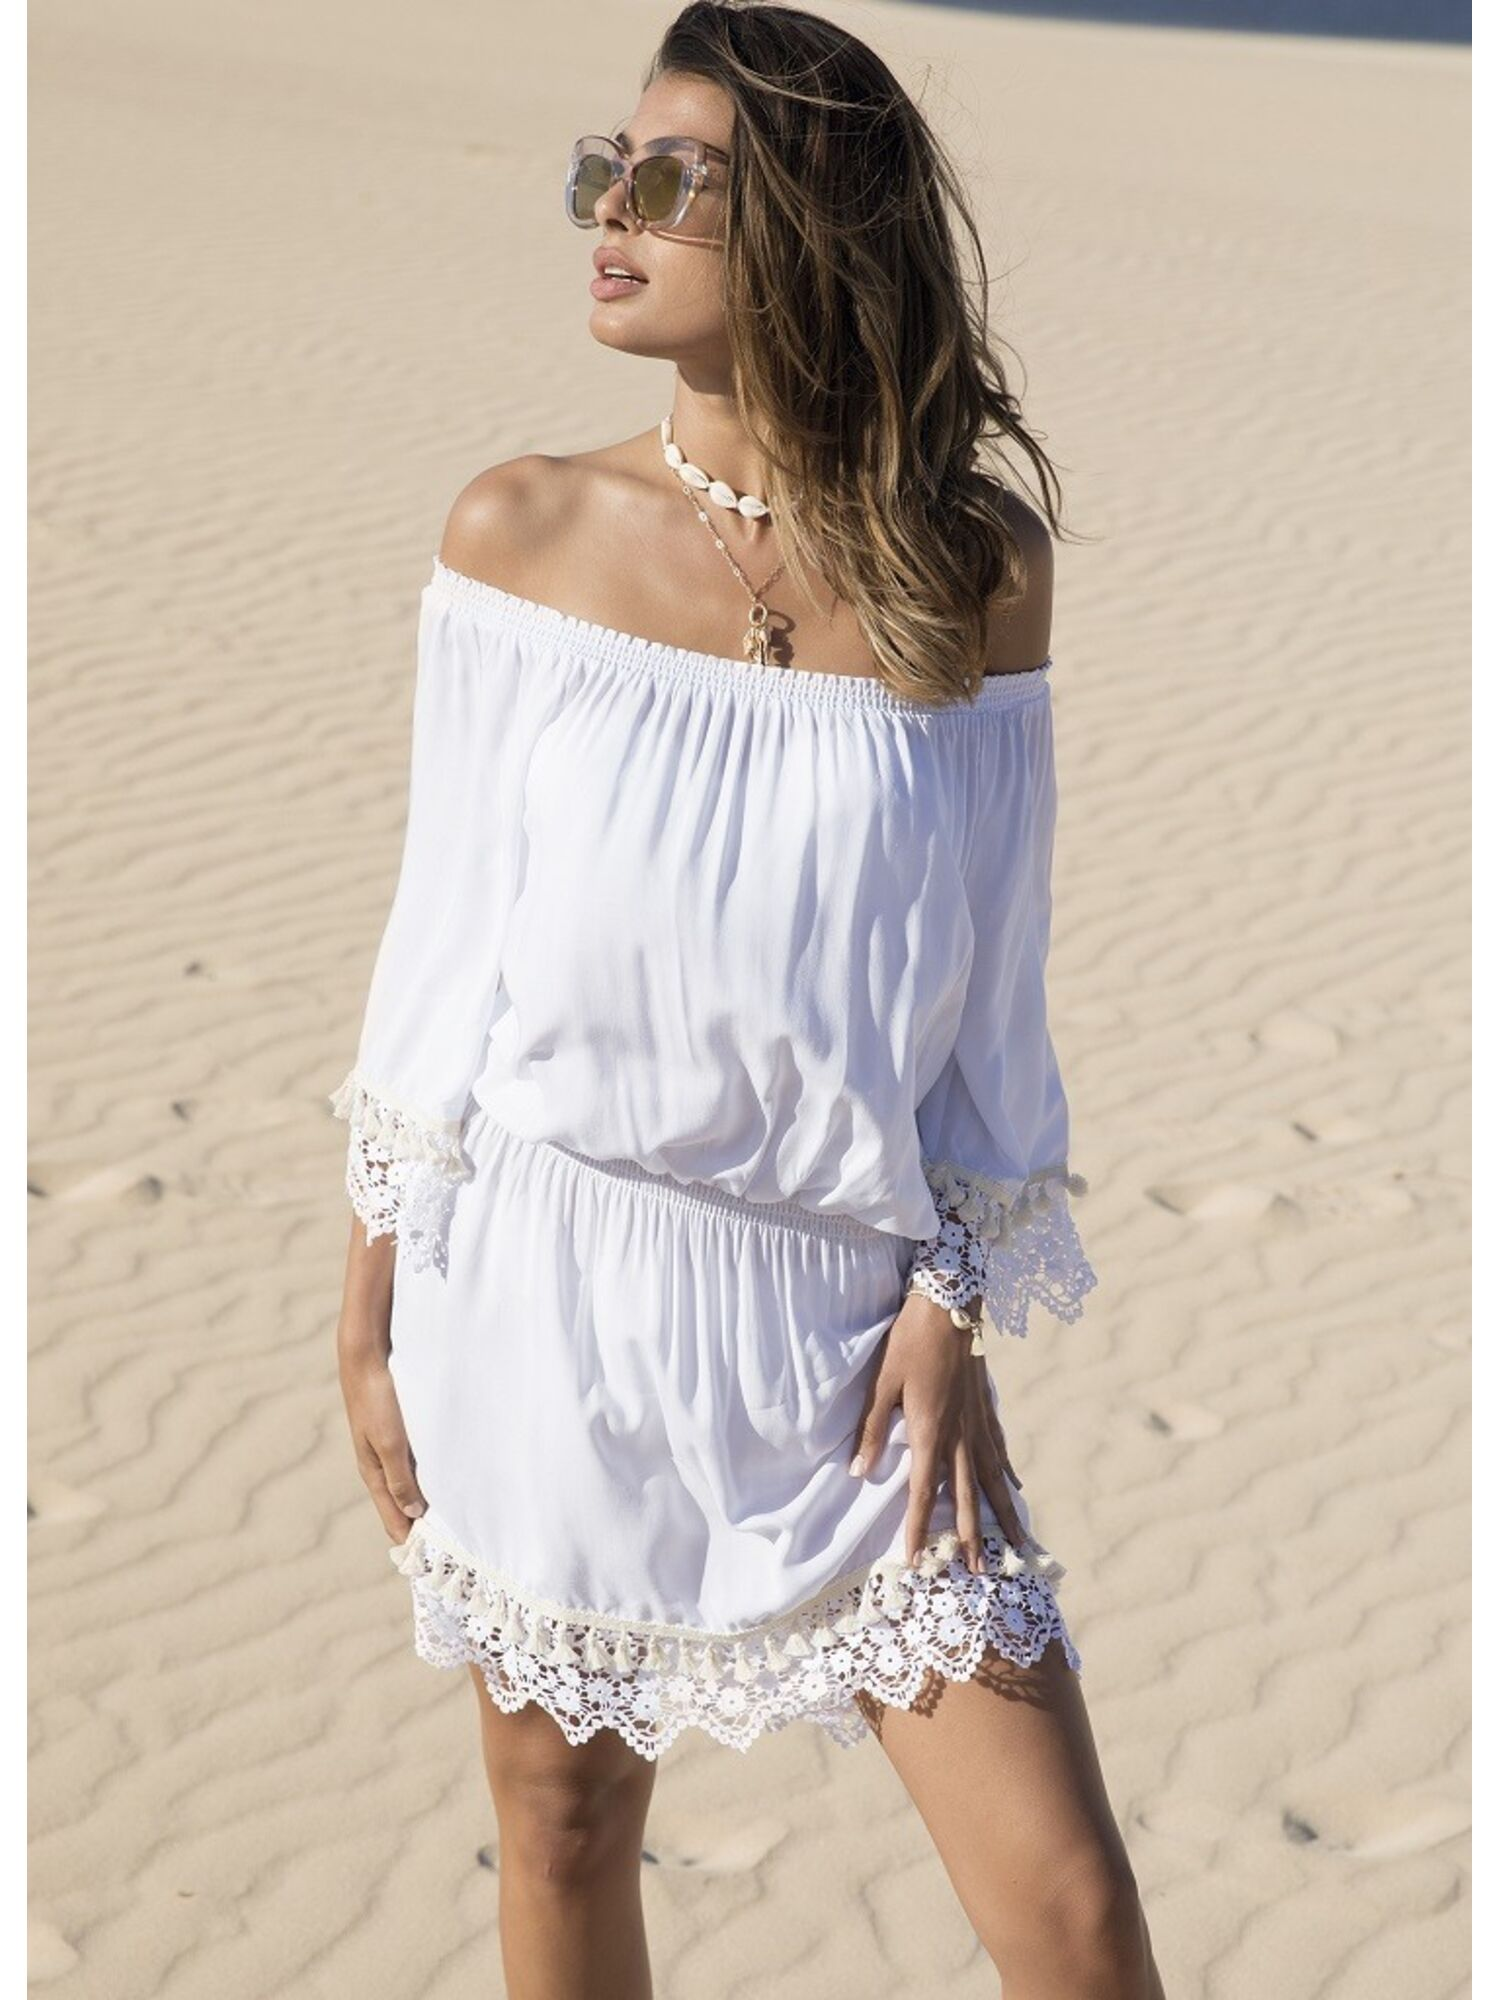 Женское пляжное платье из вискозы 85583, Ysabel Mora (Испания)